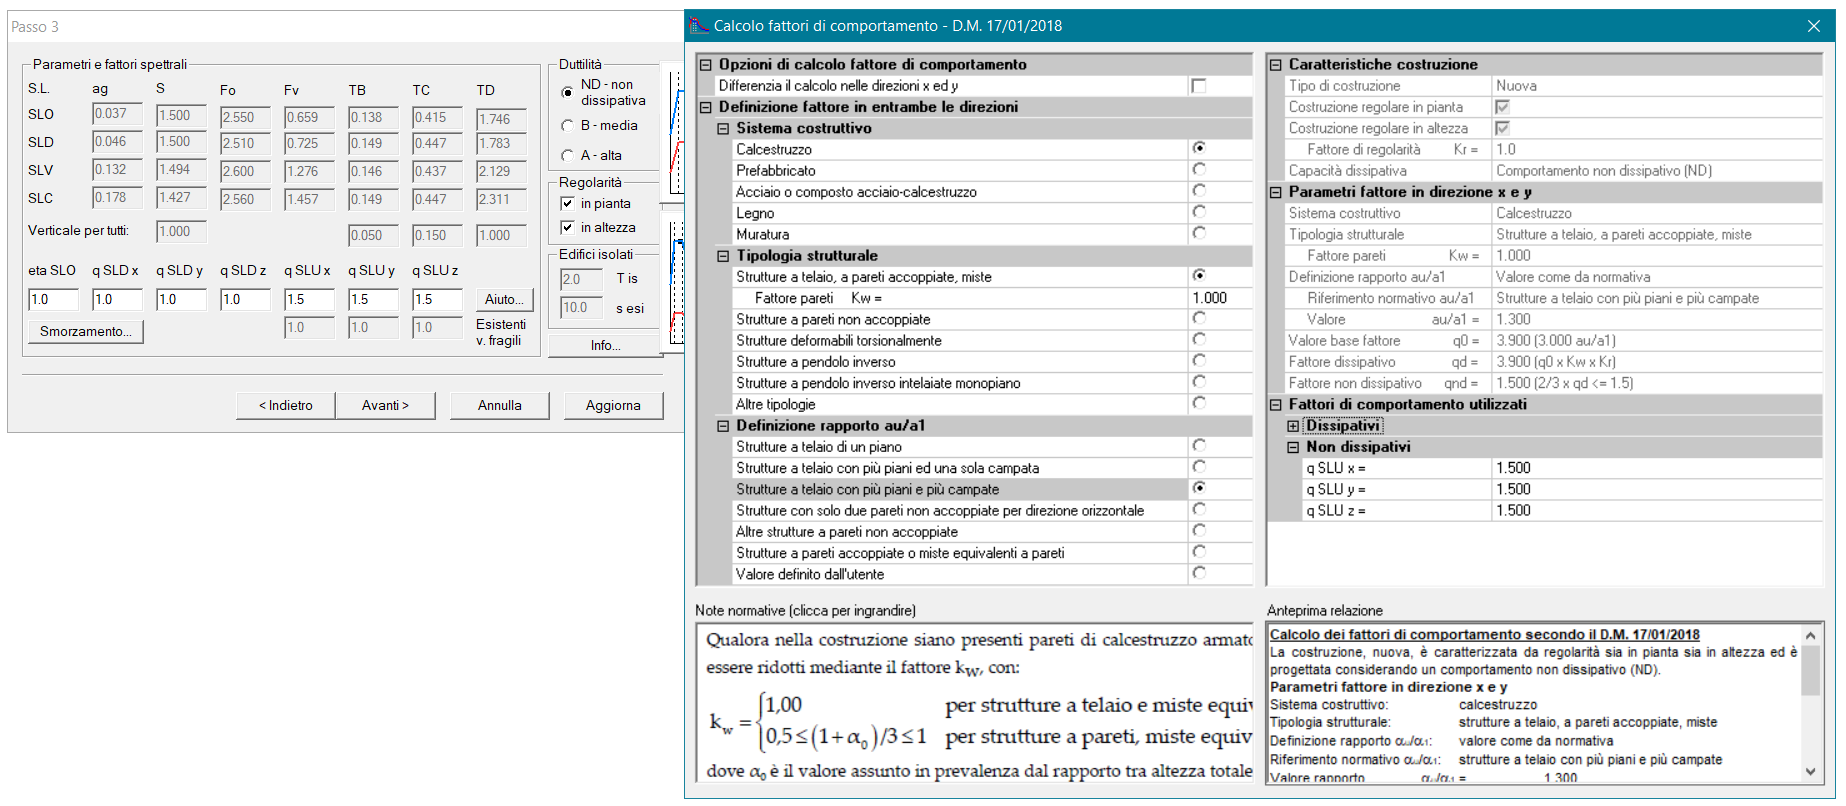 PRO_SAP calcolo fattore di comportamento